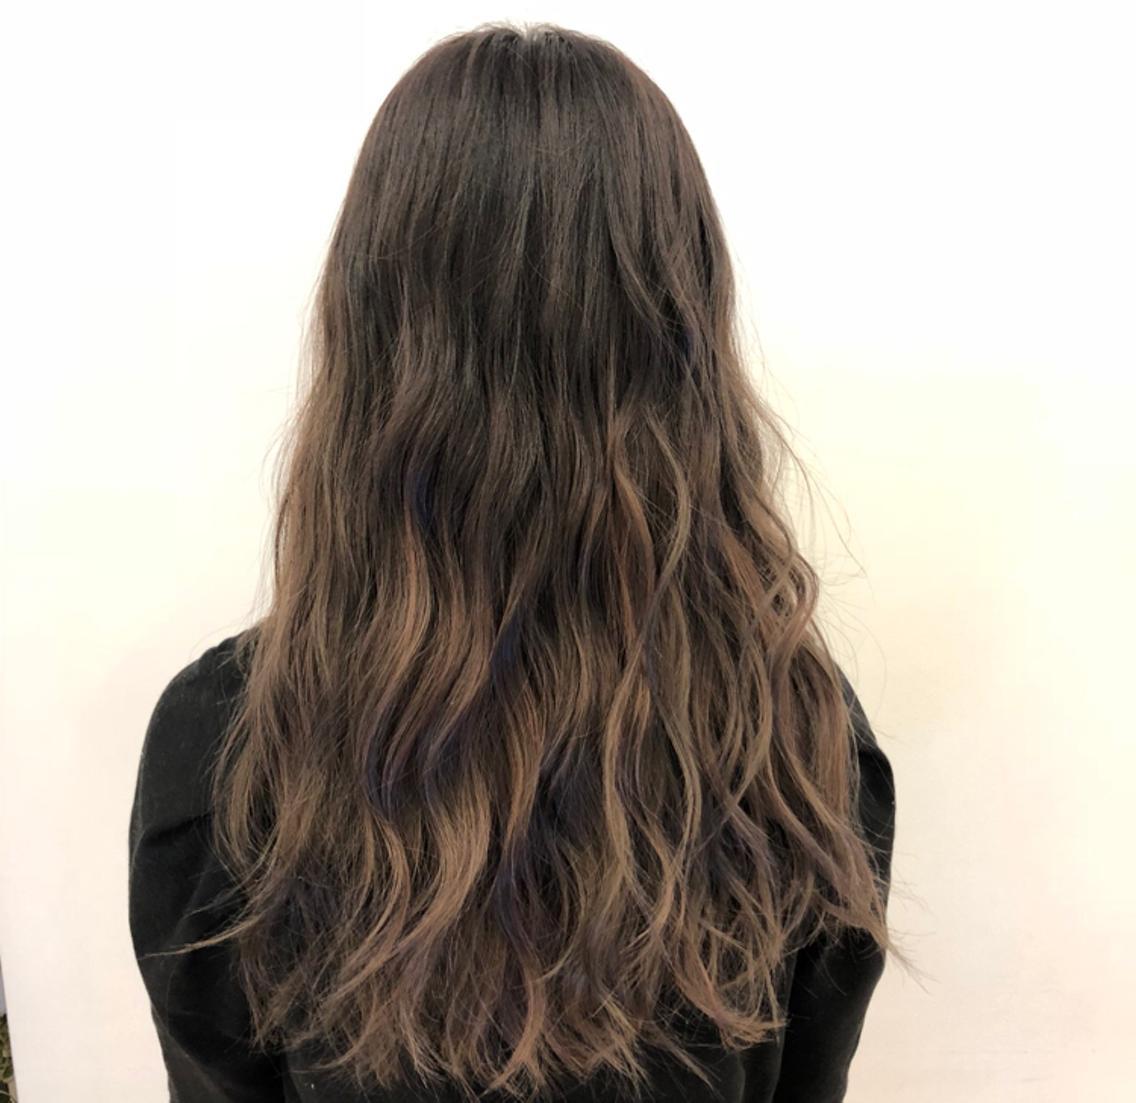 お客様1人1人のなりたいを叶えます❗️似合わせカット✨今年の夏のトレンドヘアカラー✨髪質改善うる艶トリートメント❣️お悩み解消&イメージチェンジパーマ❗️極上ヘッドスパ❣️